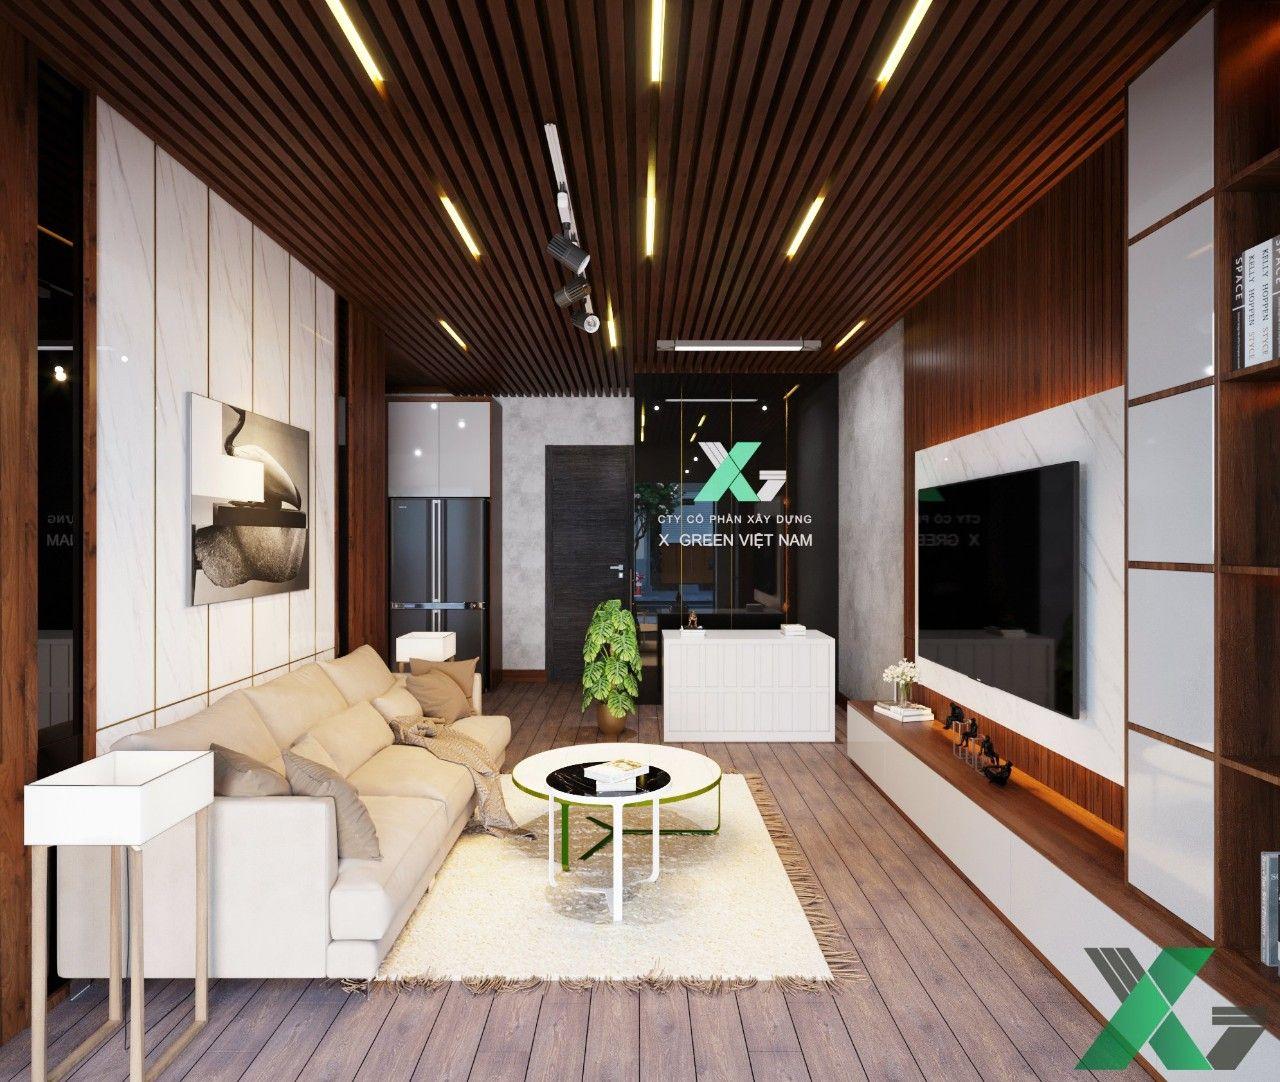 Bộ sofa kết hợp với bàn trà console hiện đại